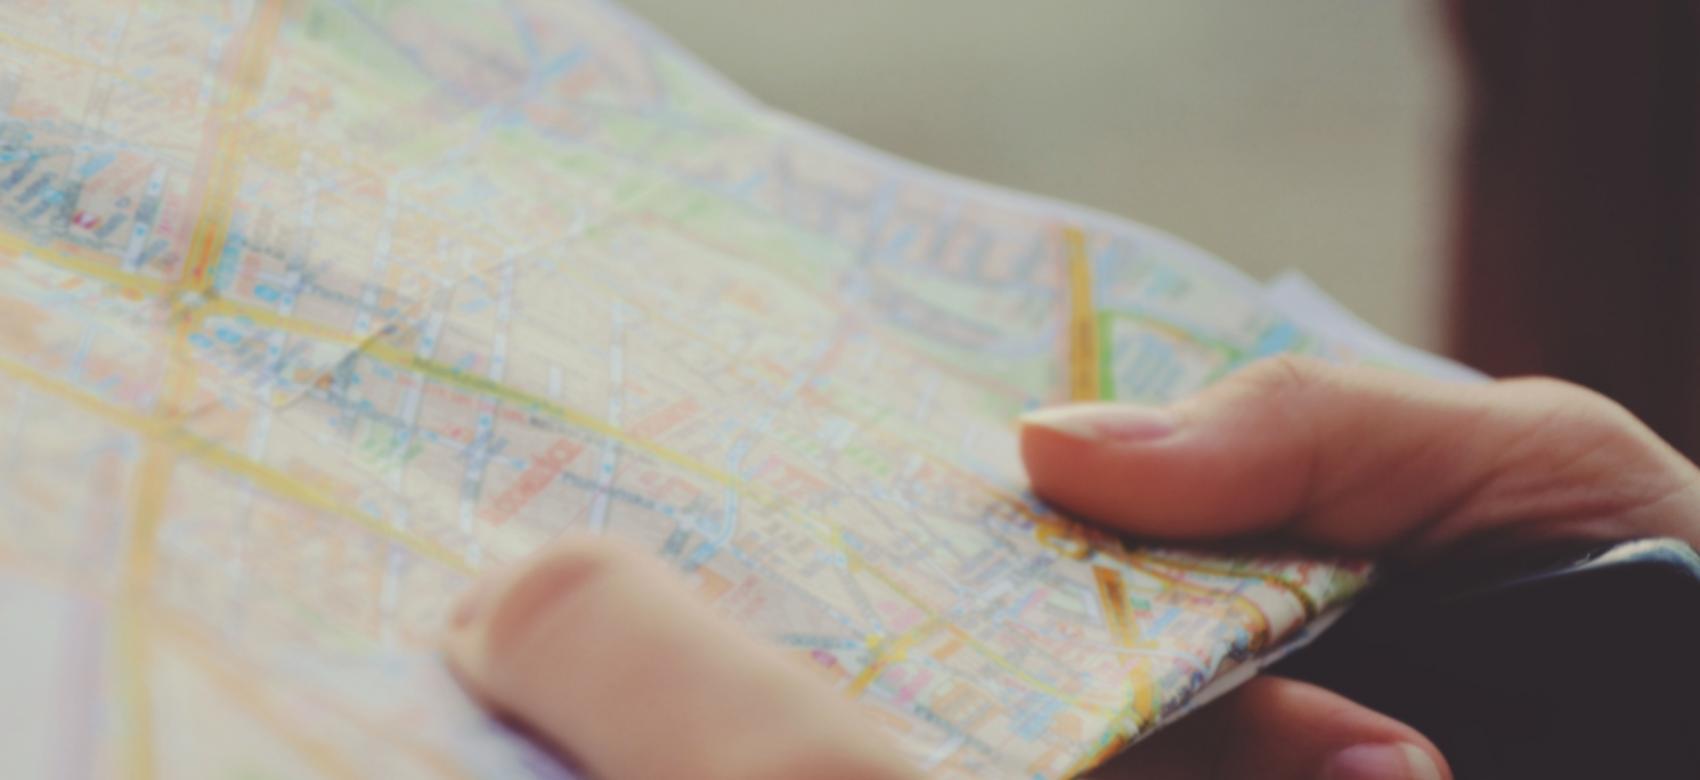 Manos sujetan un mapa